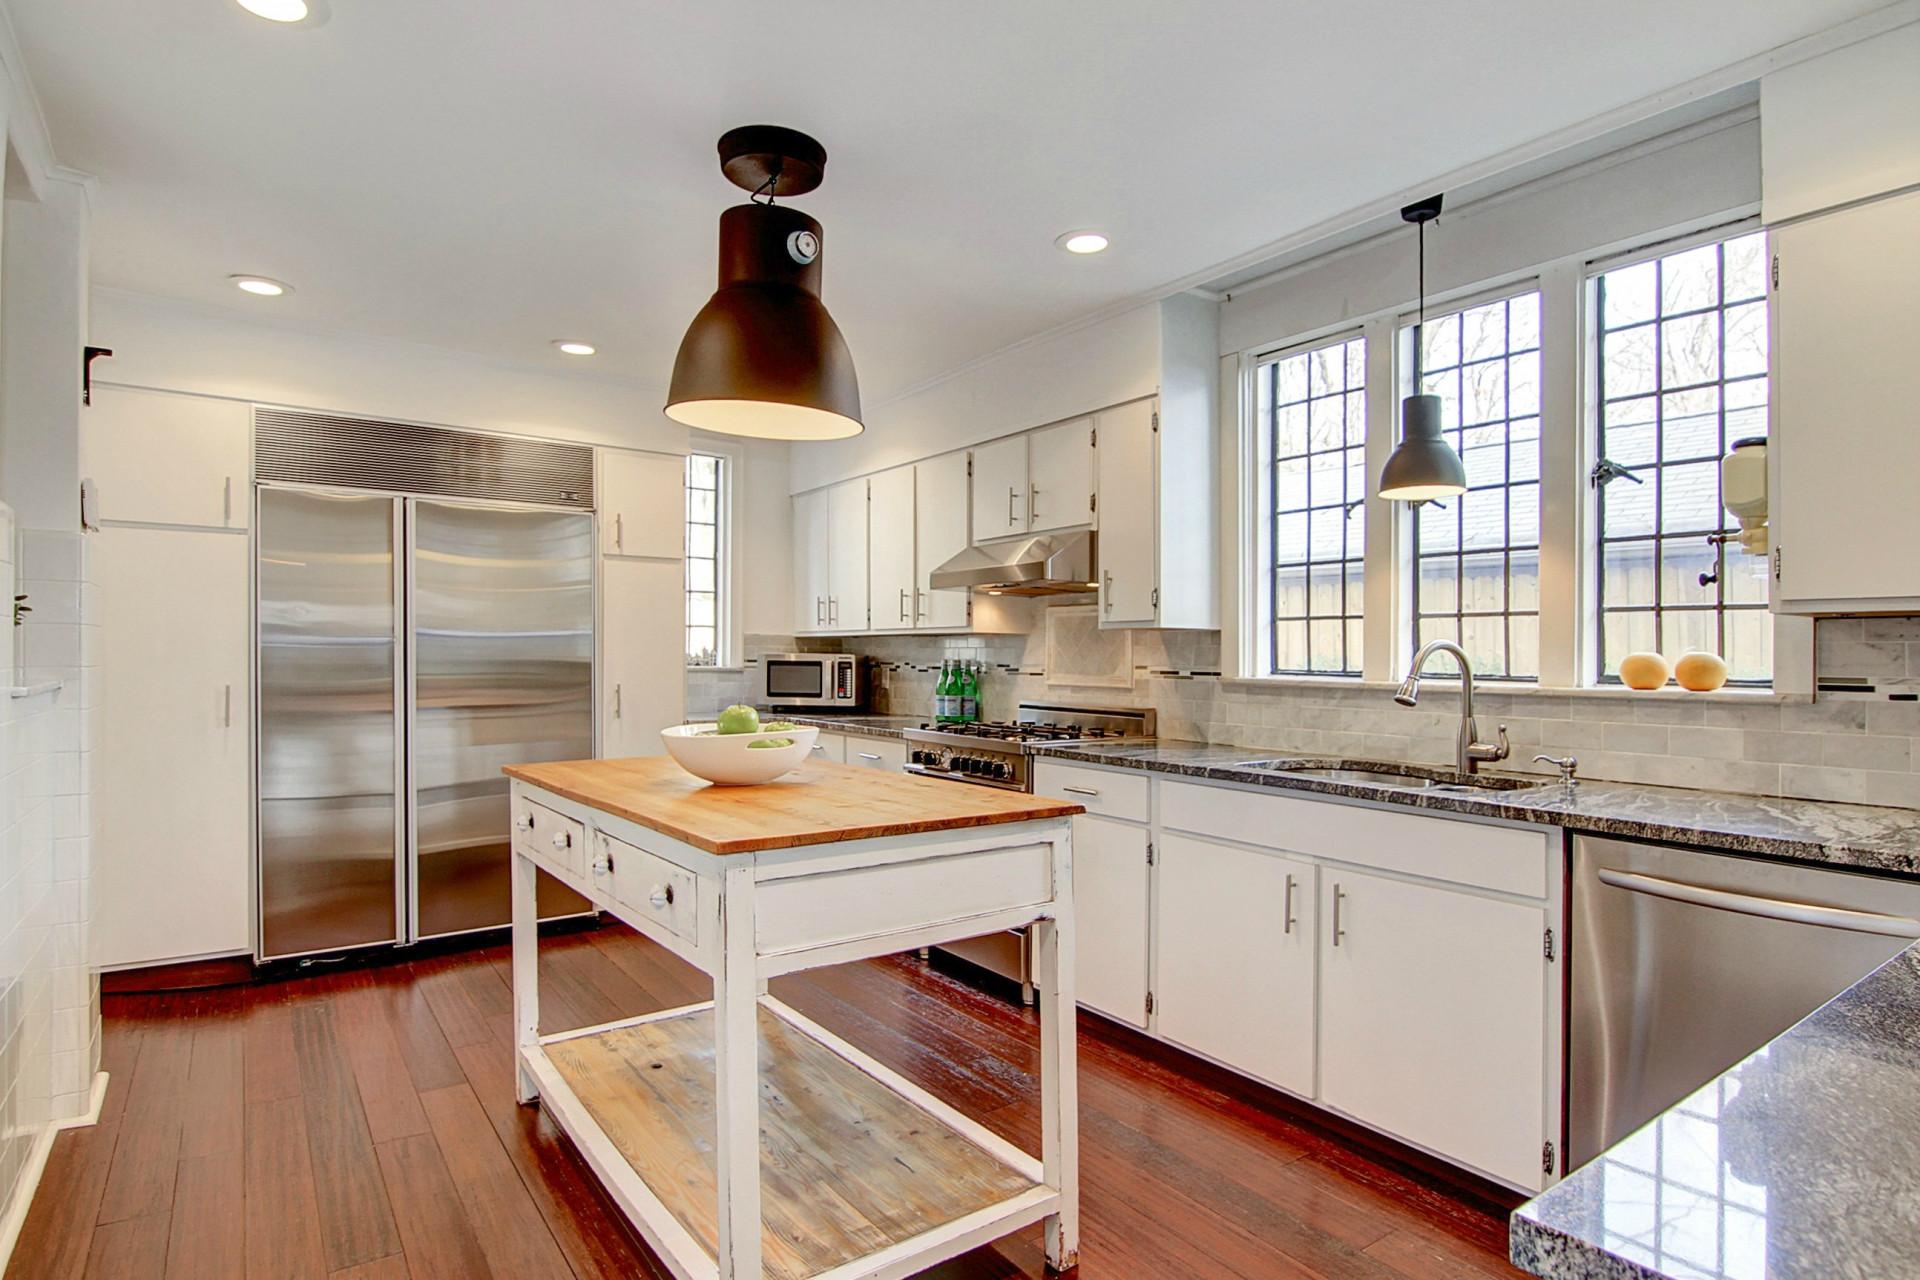 441 Overhill Road Kitchen Photo